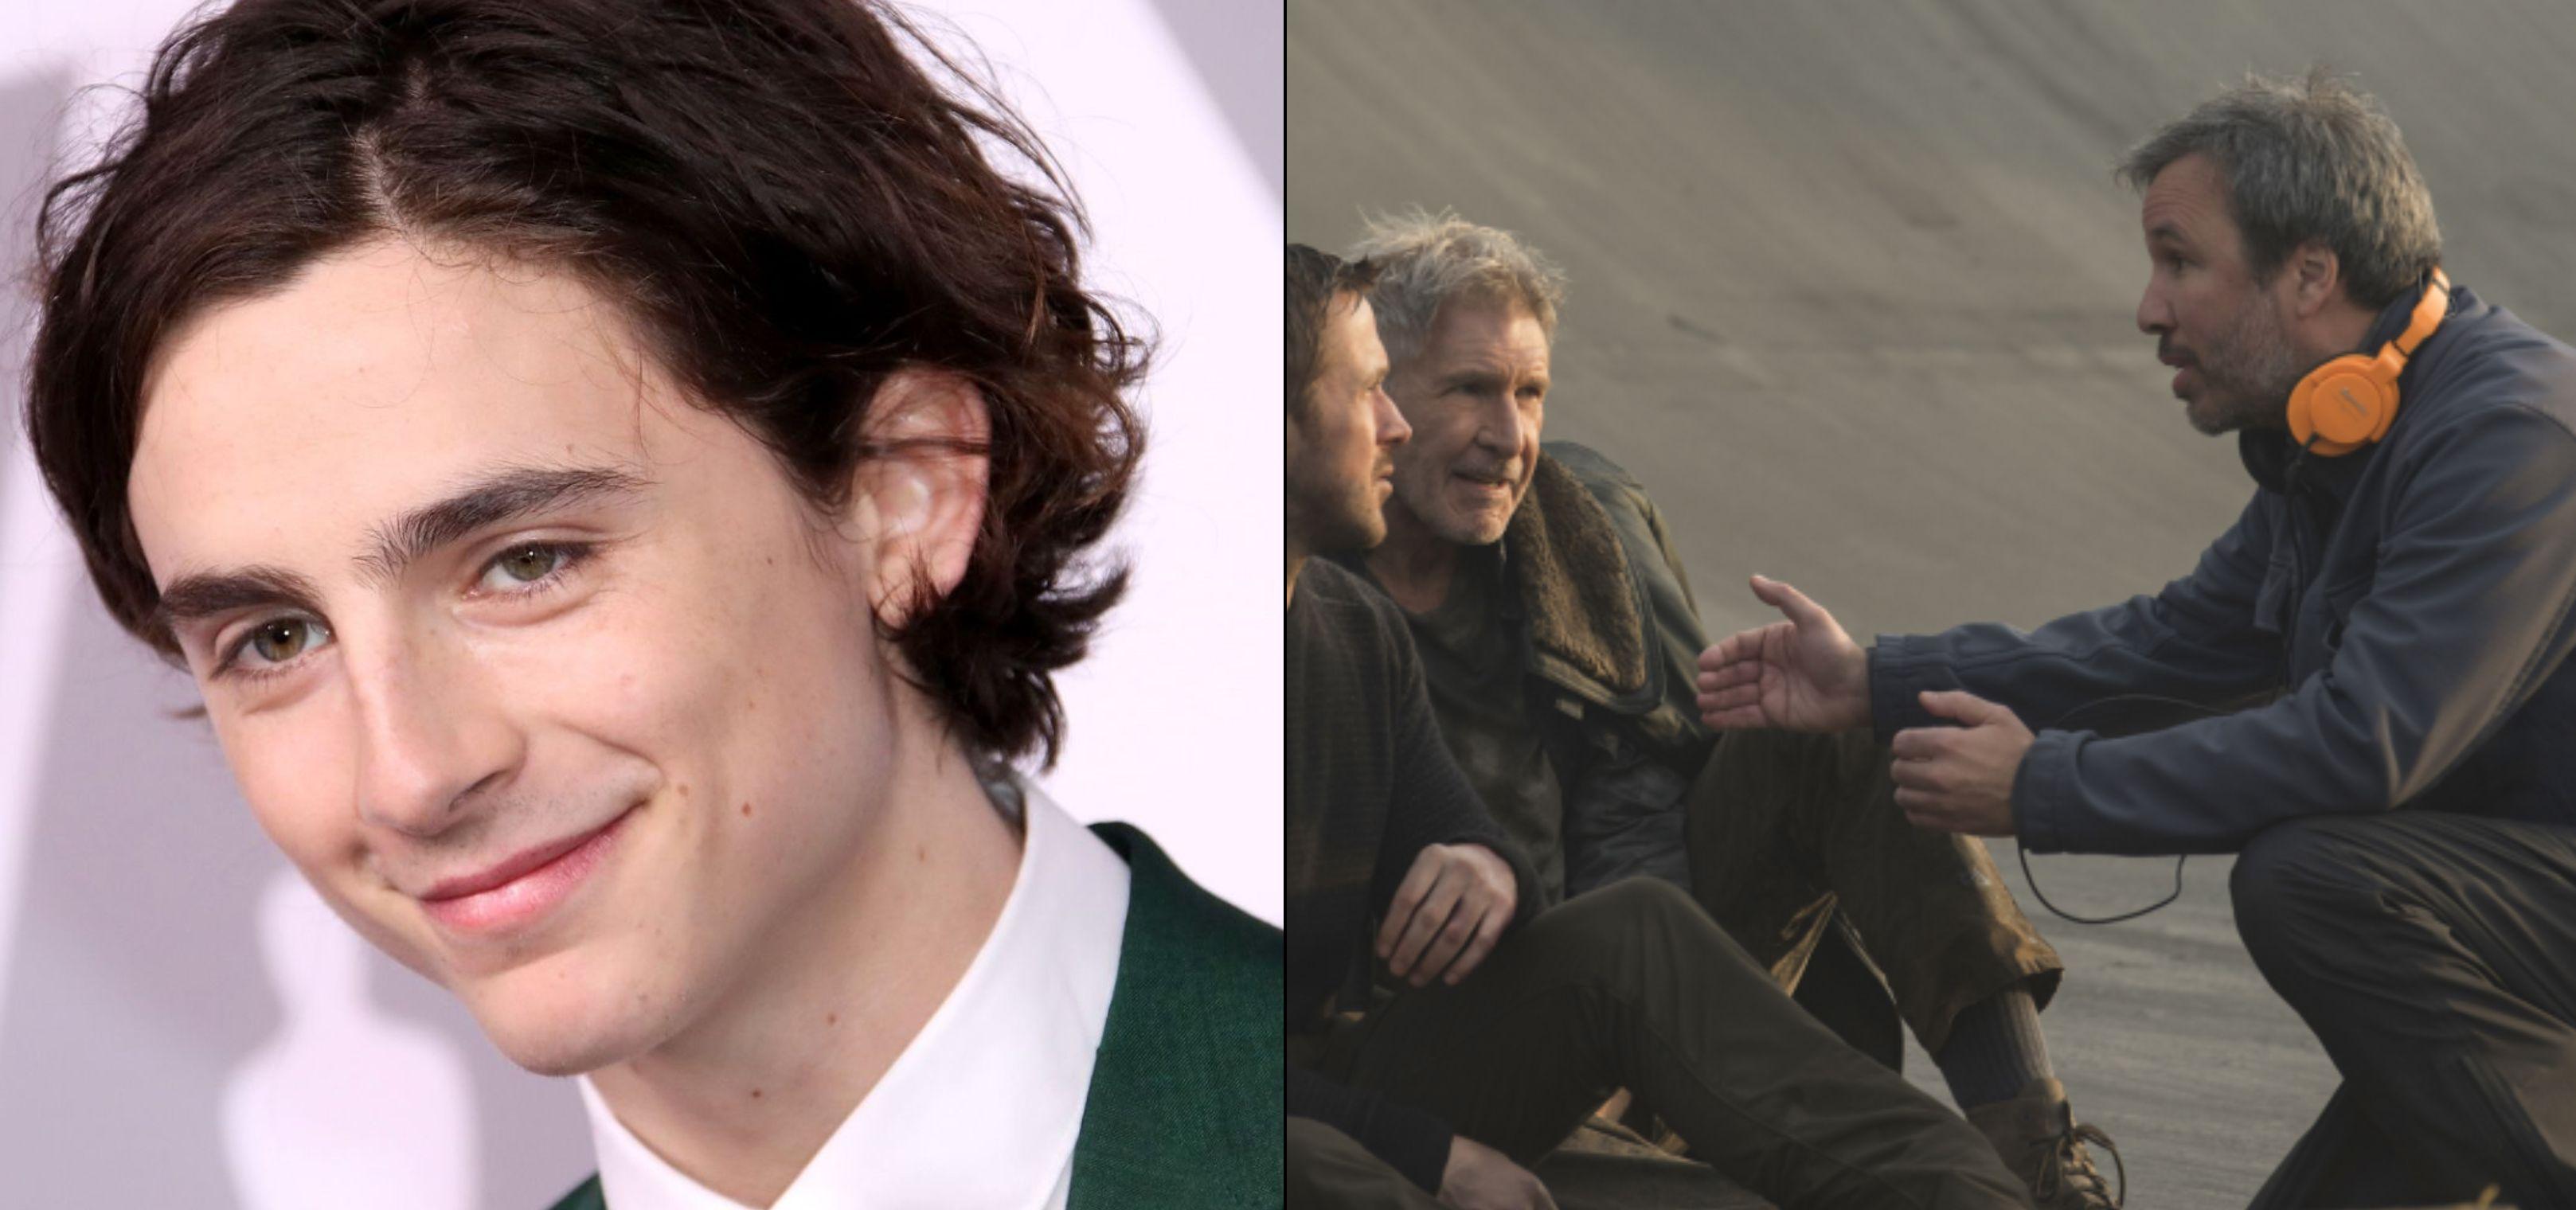 Timothee Chalamet Set To Star In Denis Villeneuve S Dune Cultjer